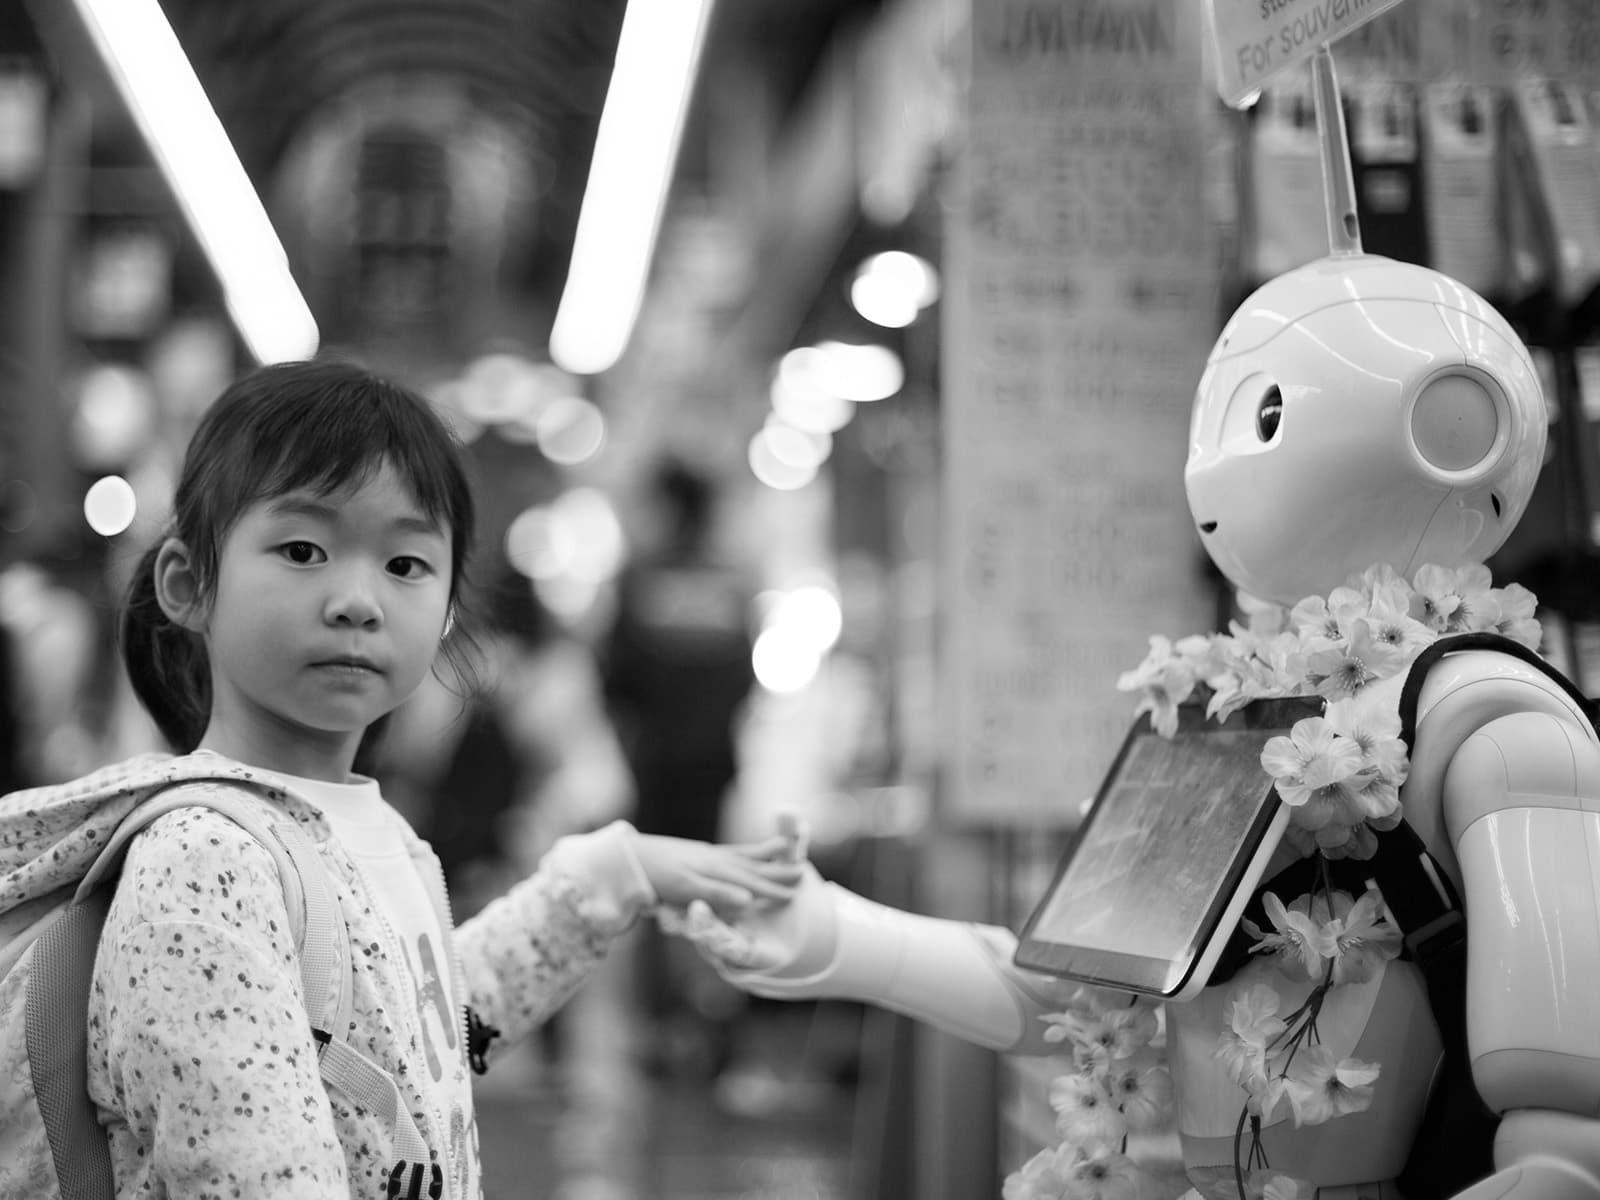 مخيف جدًا: الذكاء الاصطناعي يبدأ في تربية أطفالنا